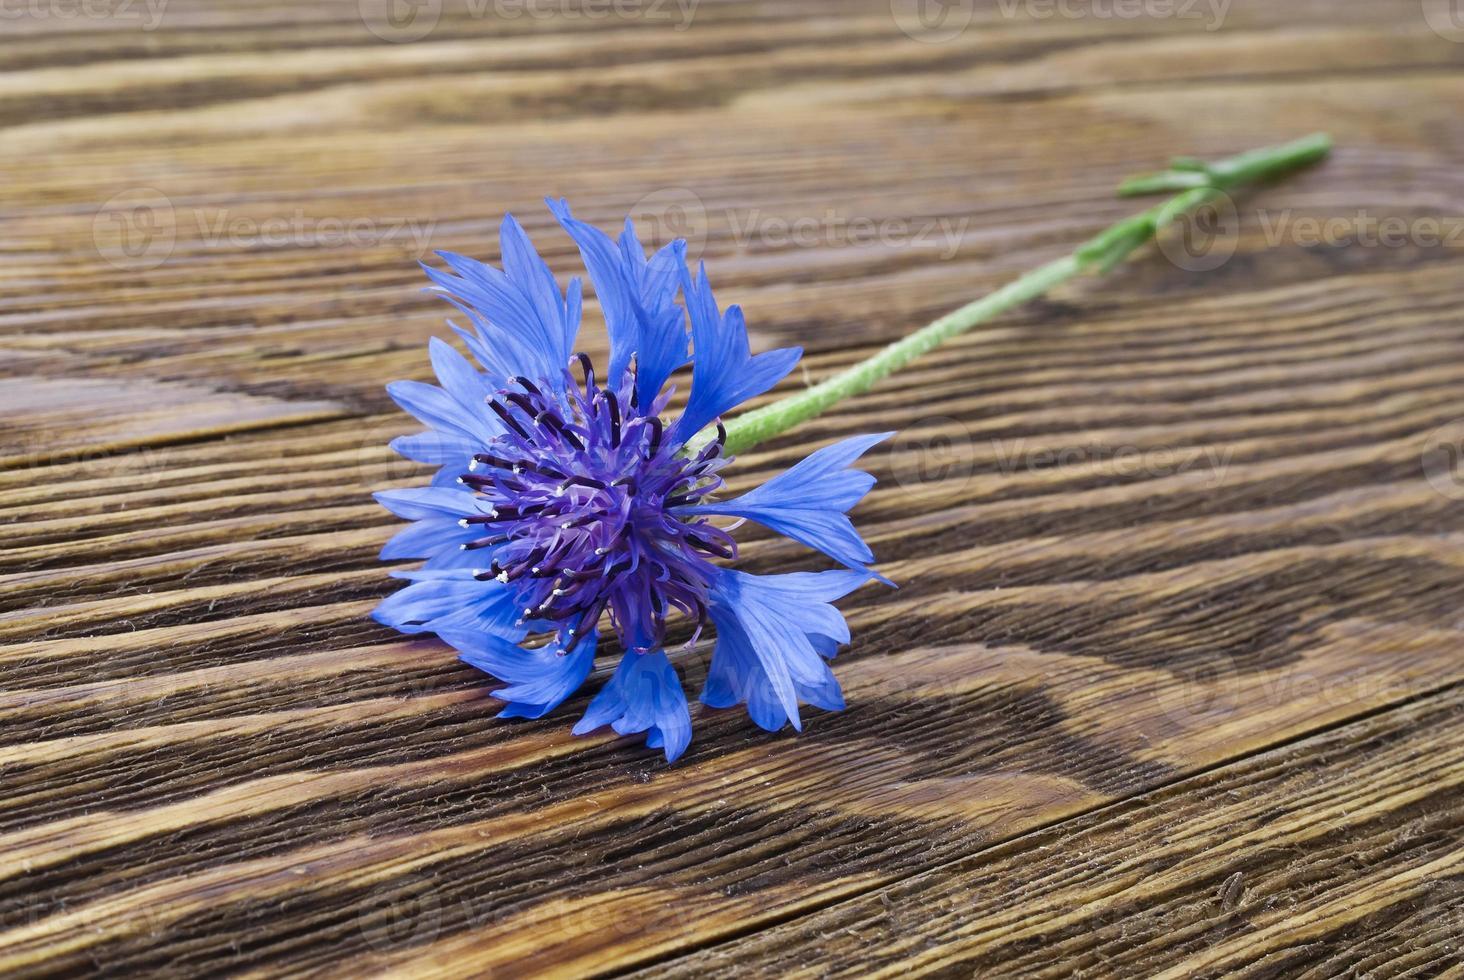 bleuet sur la surface en bois photo